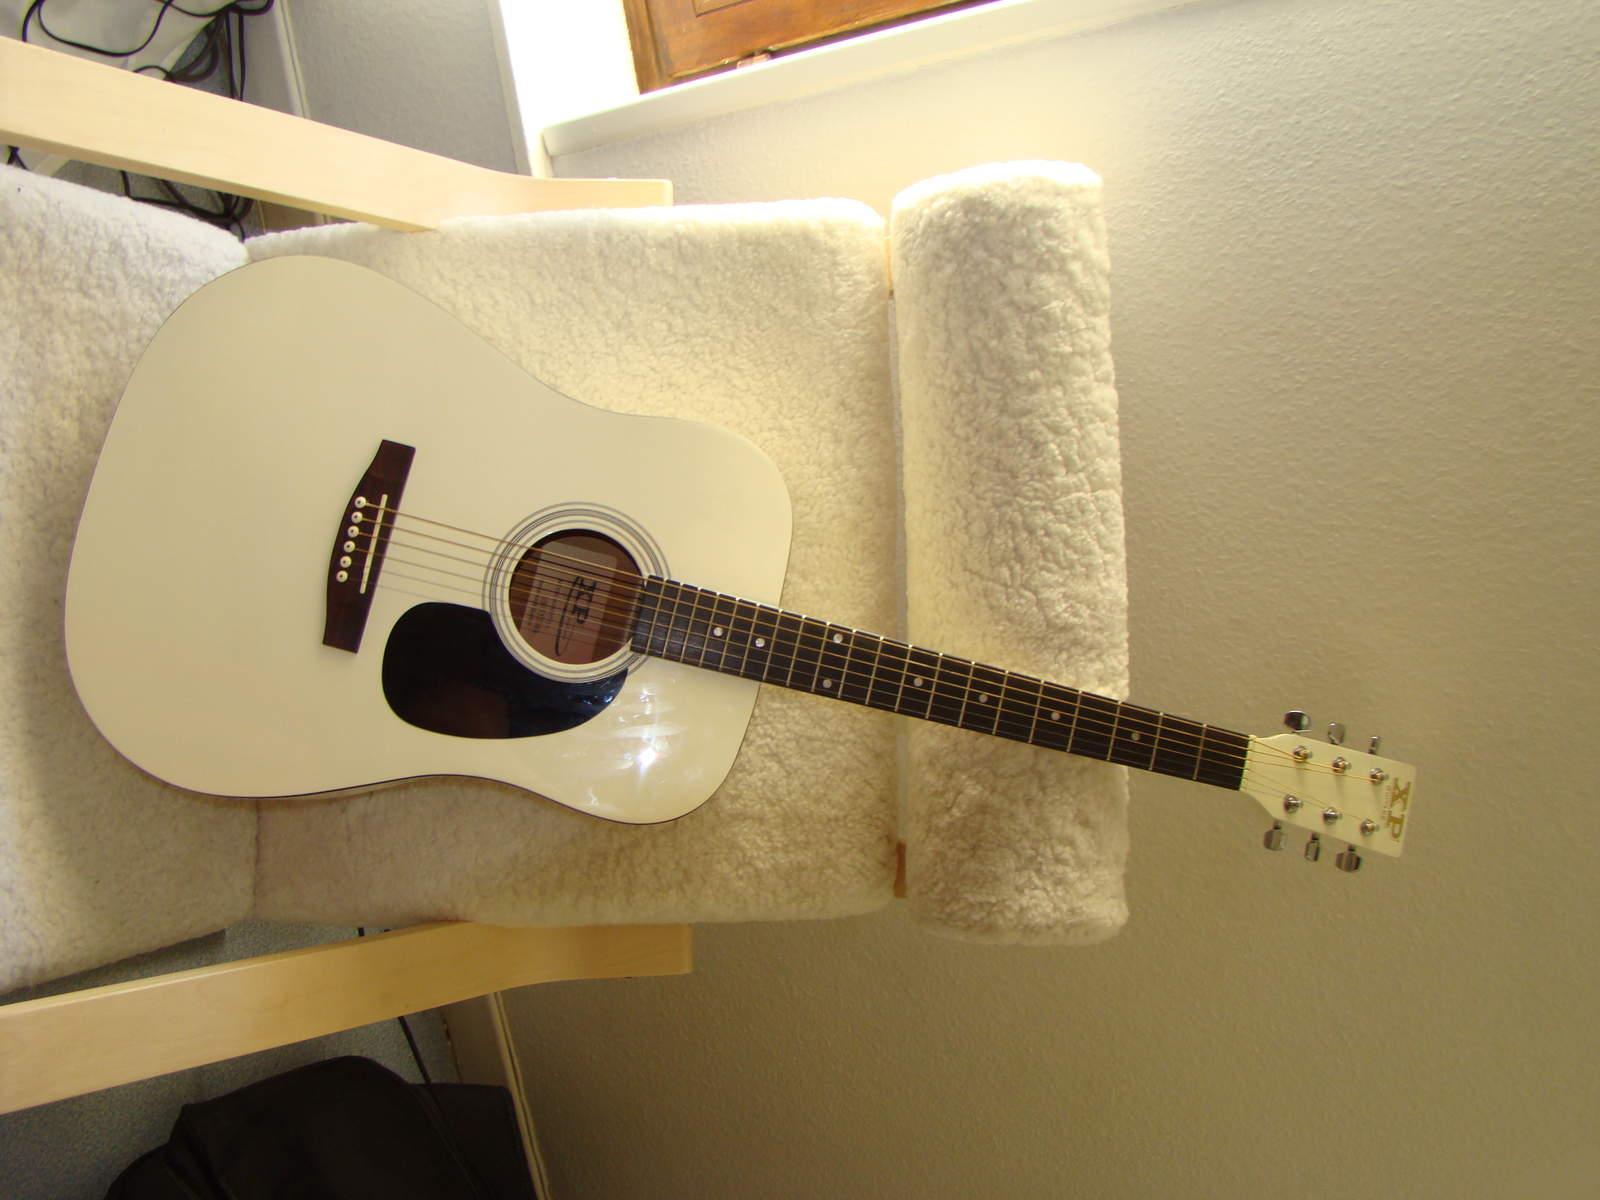 guitare xp folk